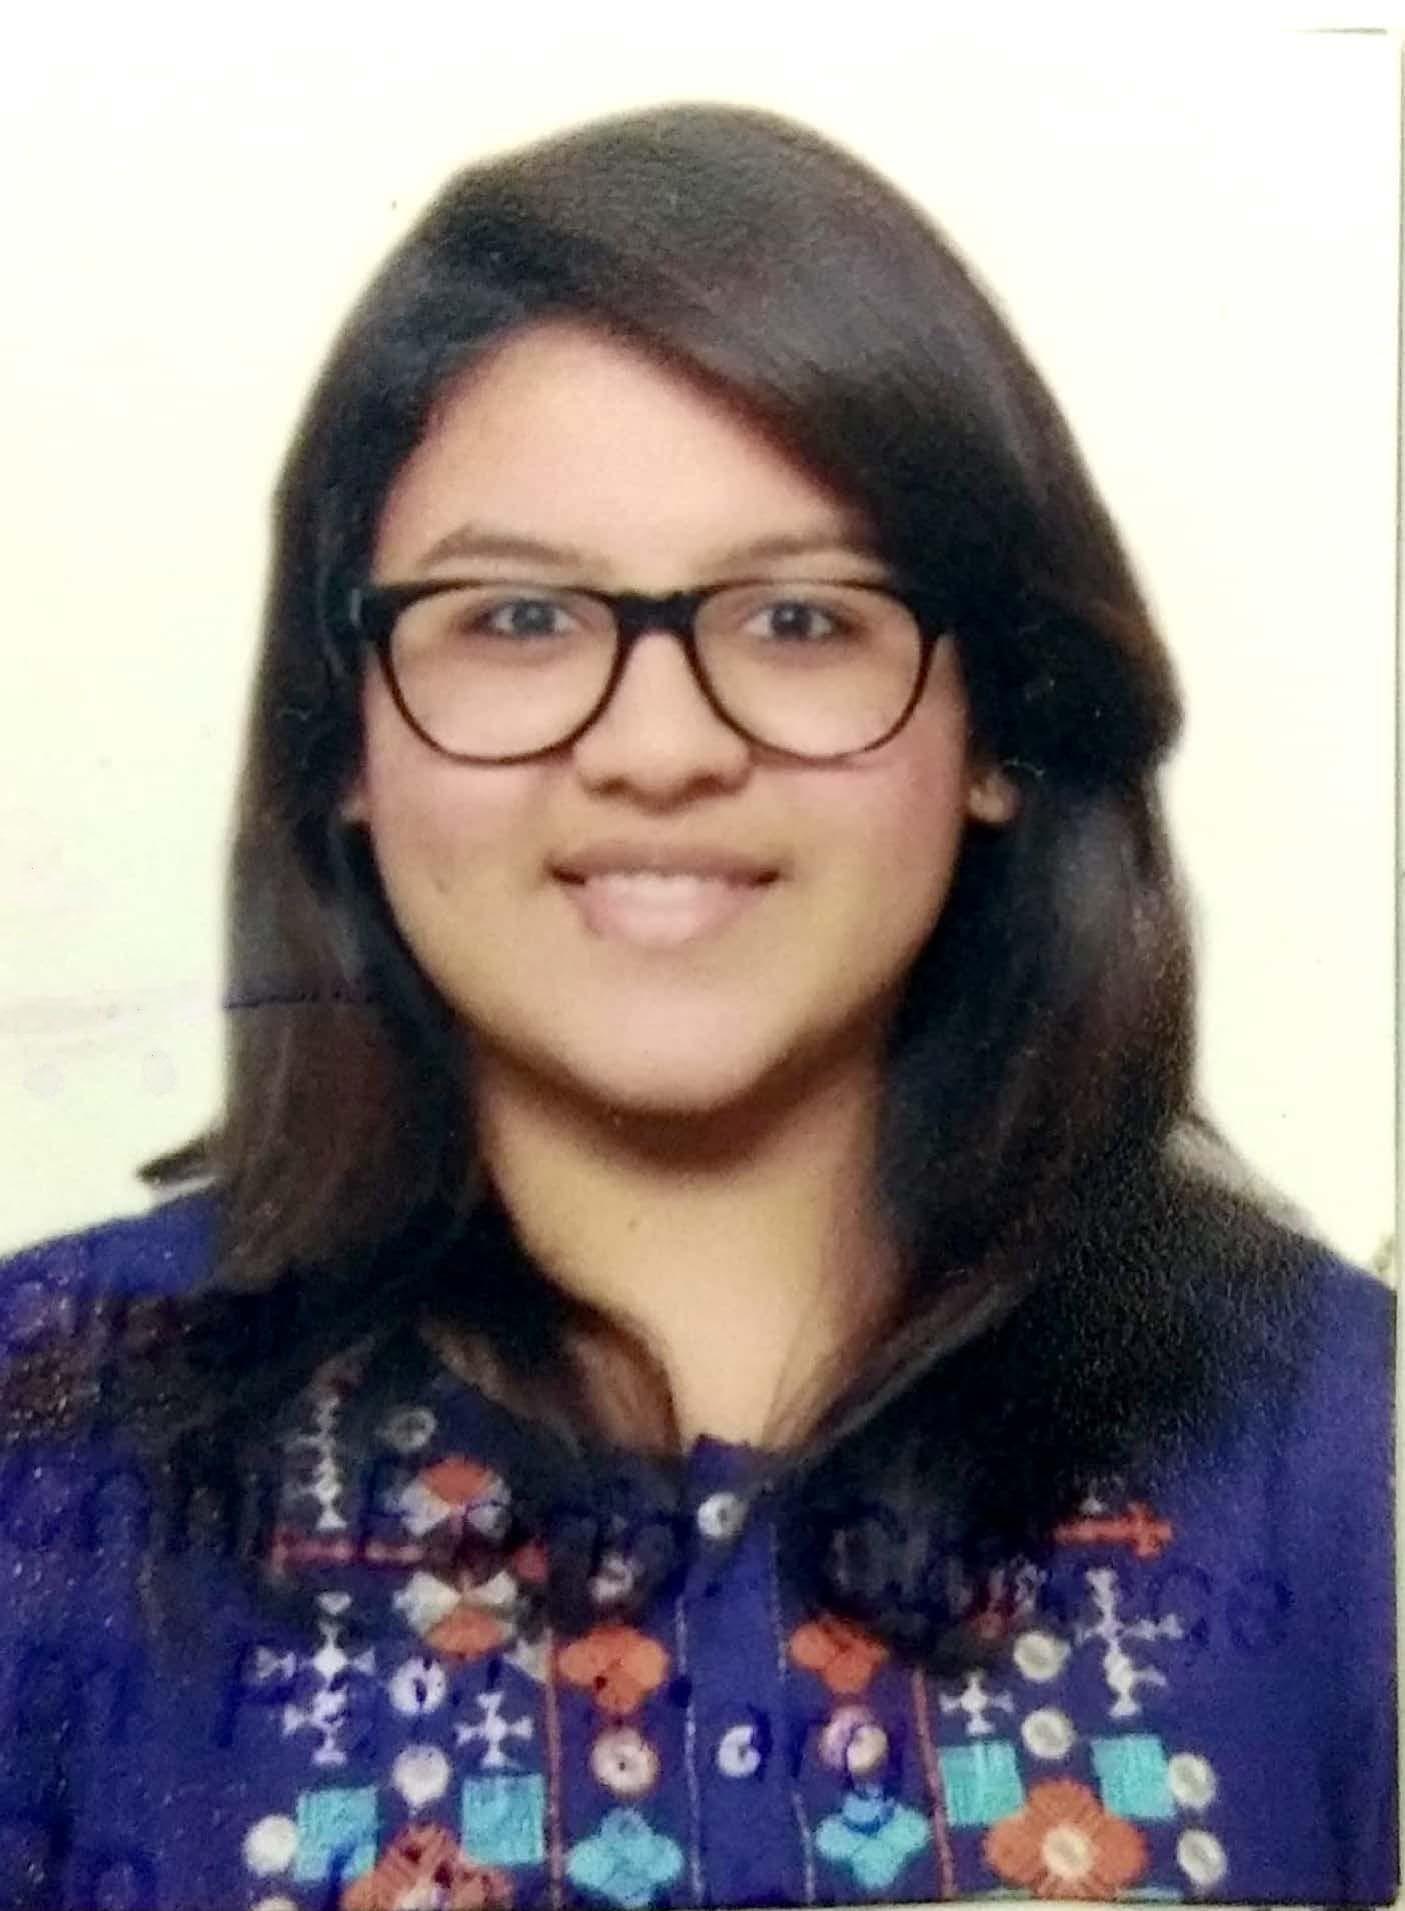 Nidhi Kantekar